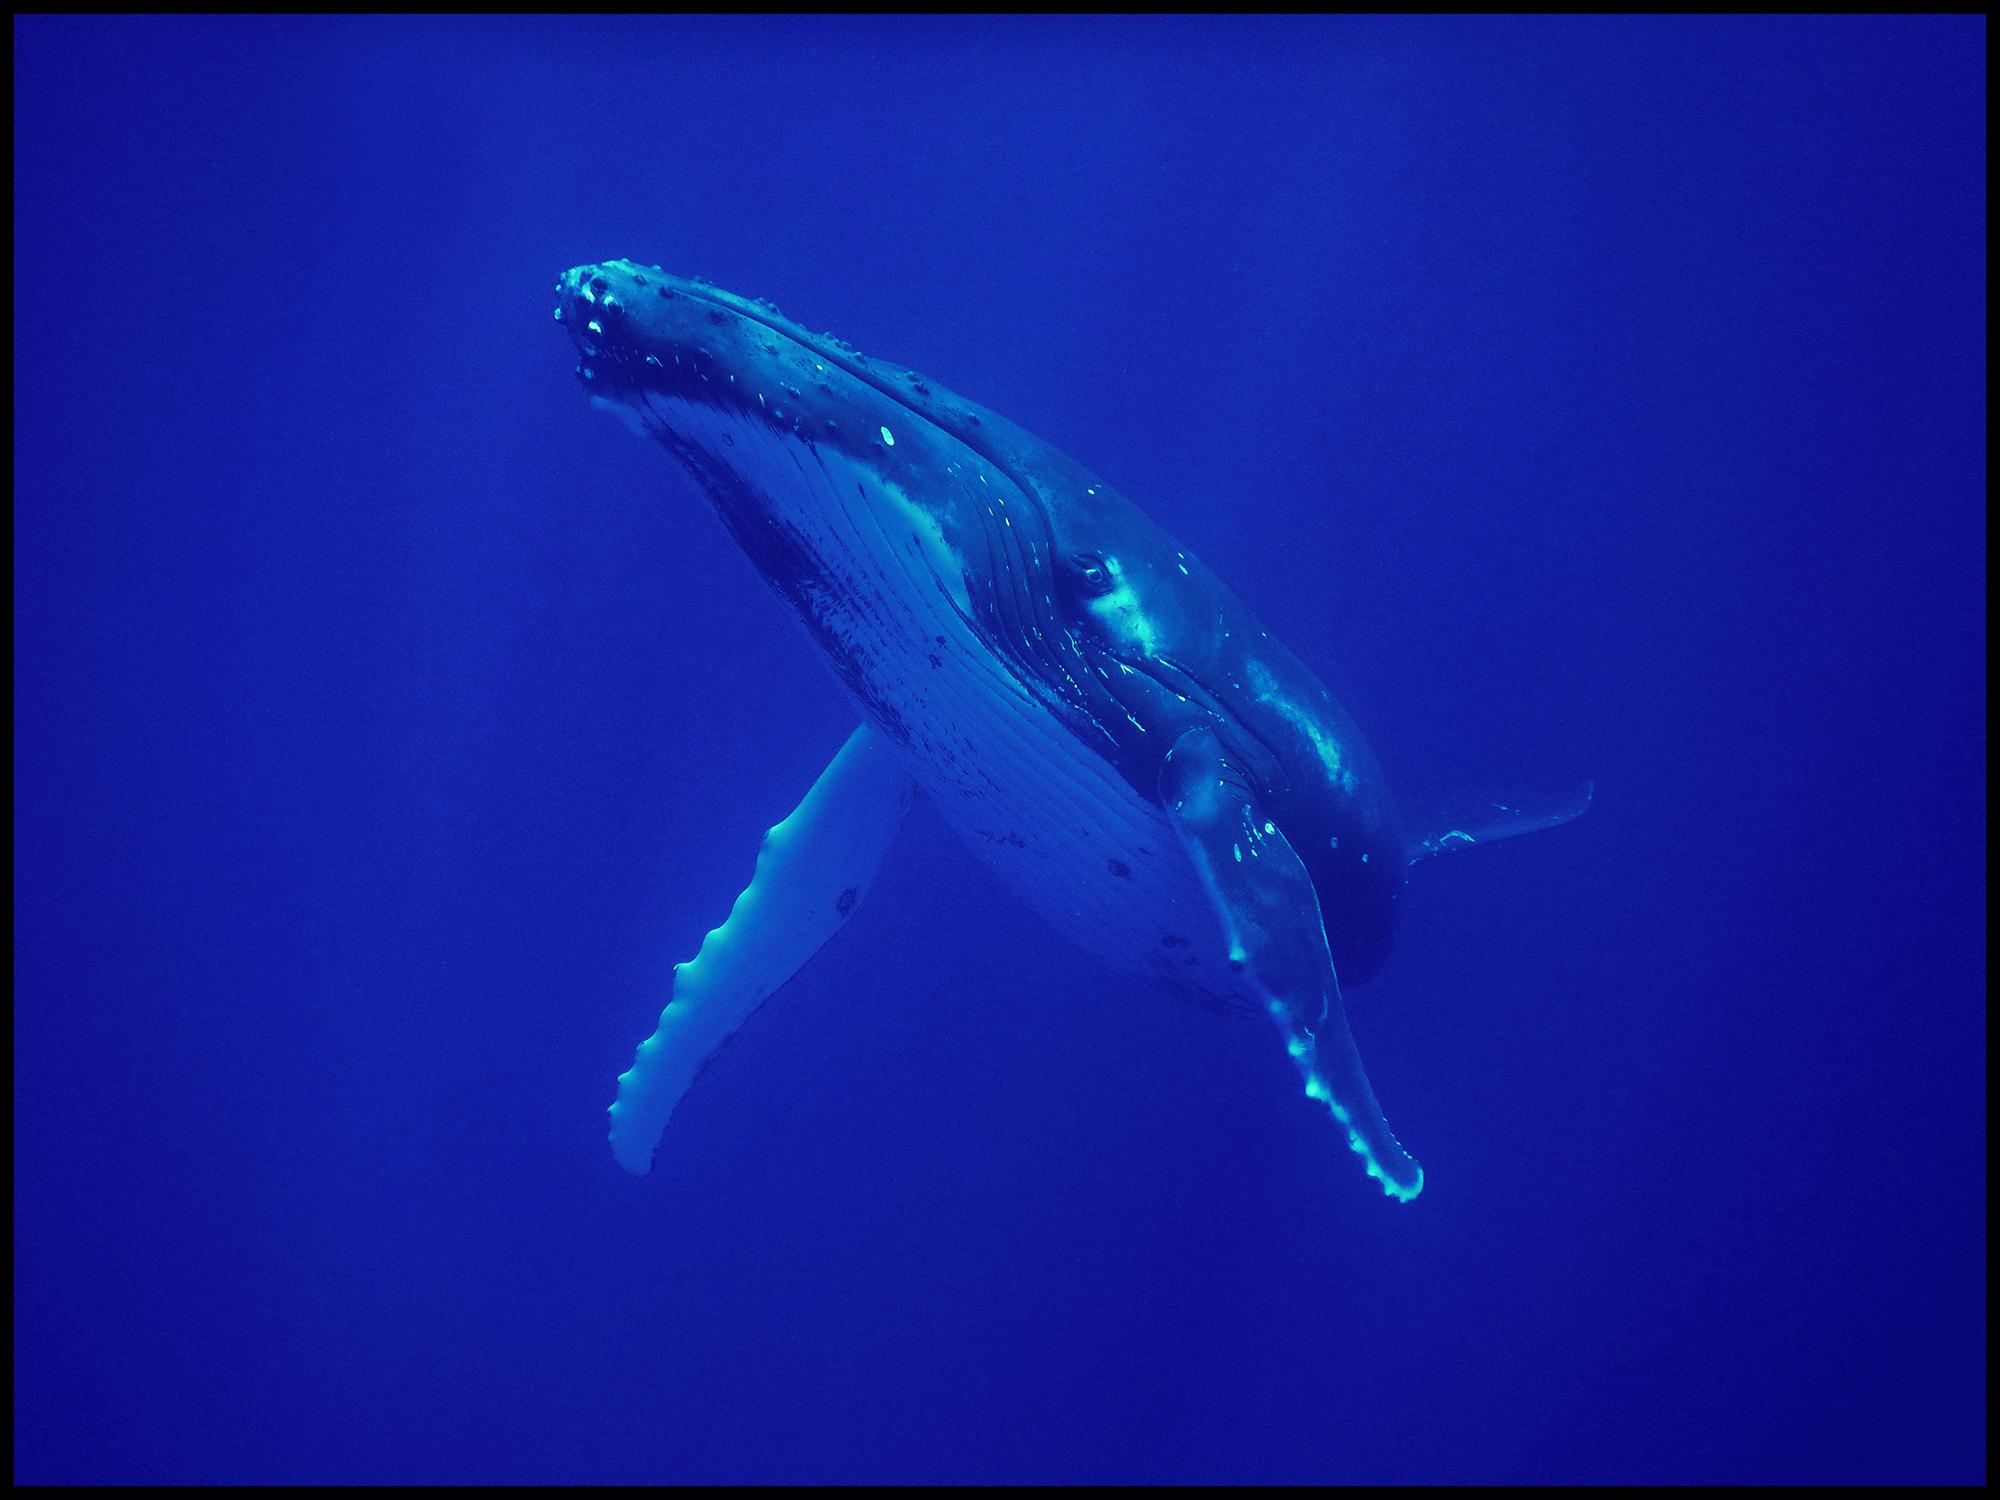 Moorea whale